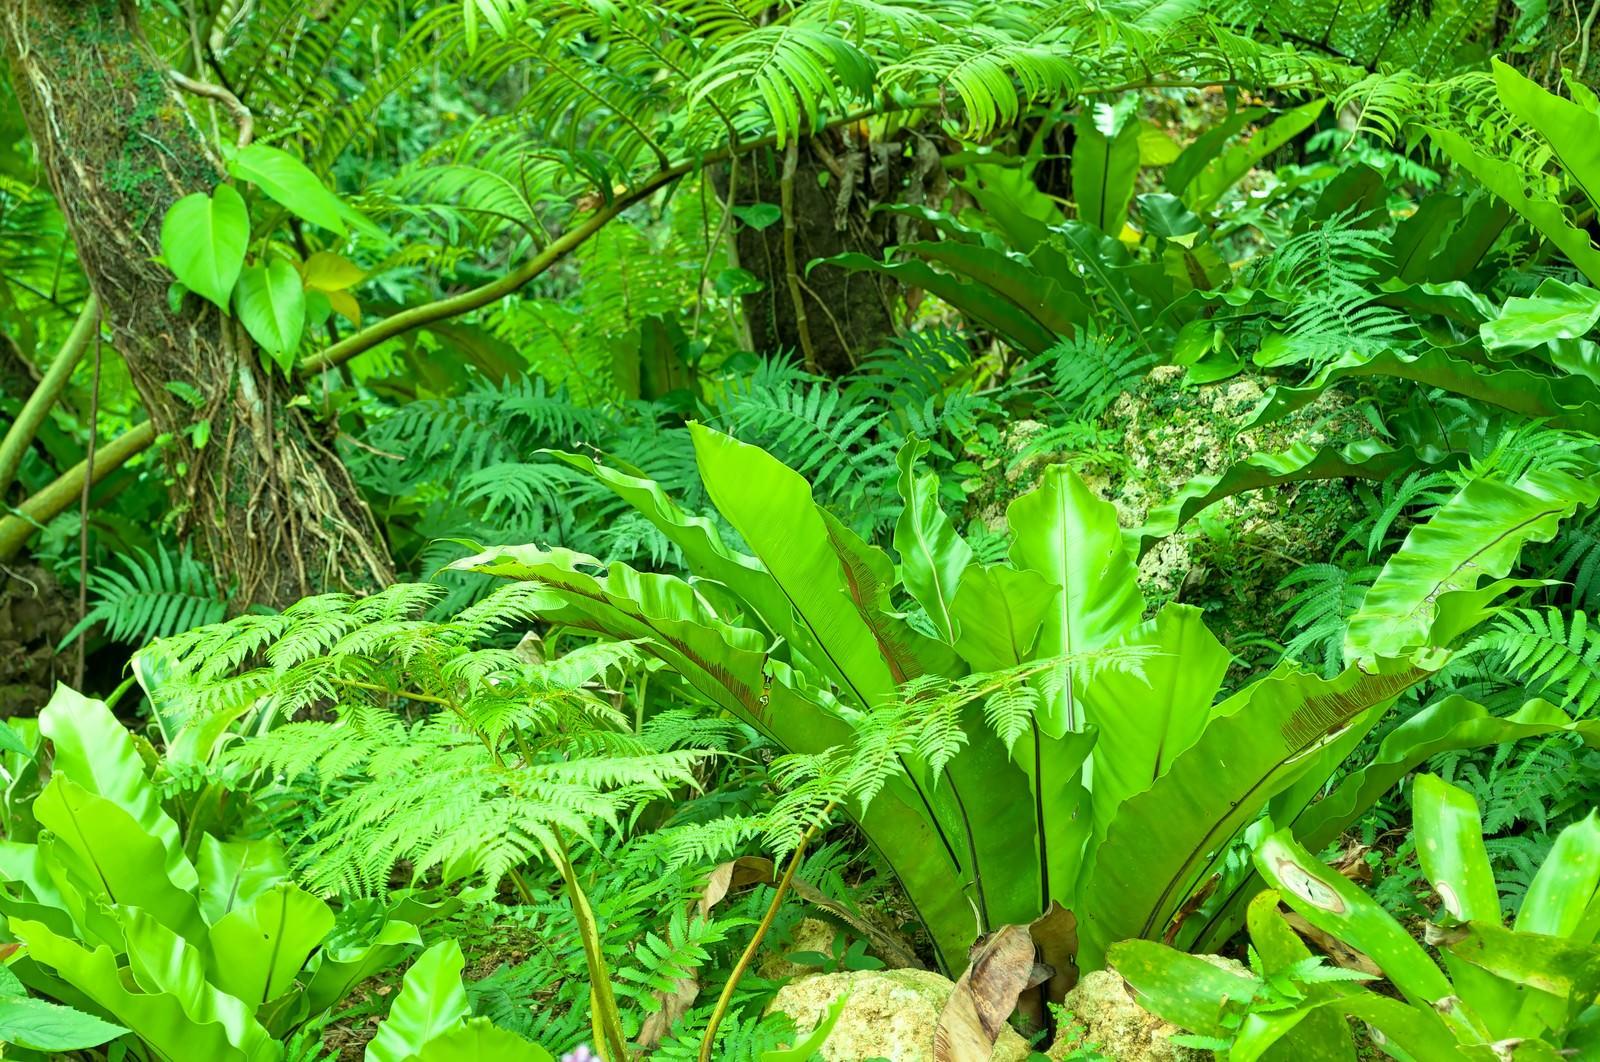 「緑の庭」の写真